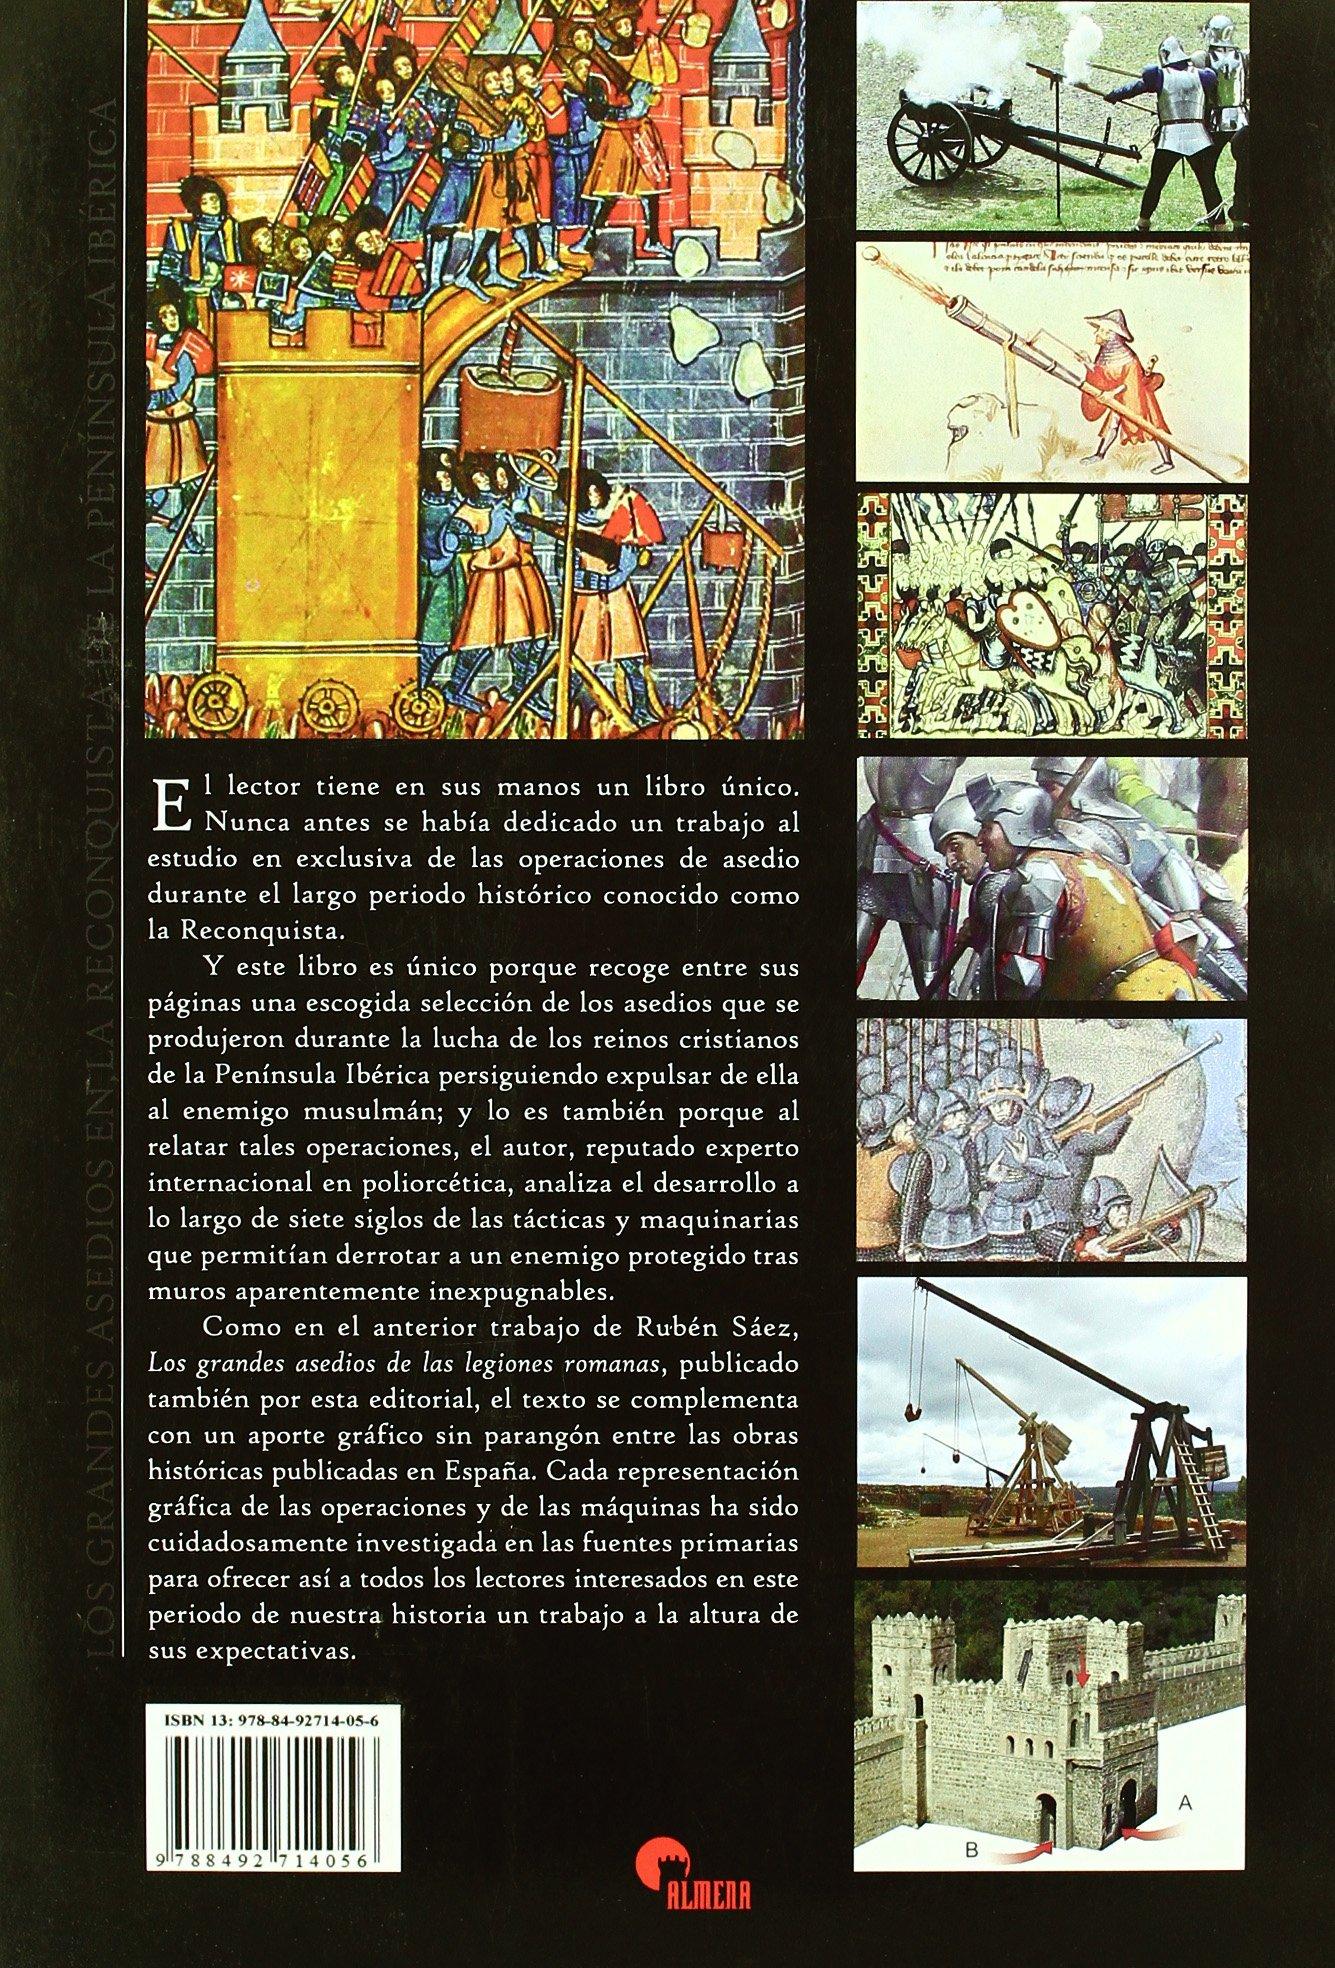 Los grandes asedios en la Reconquista de la Península Ibérica: Amazon.es: Ruben Abad, Ruben Abad: Libros